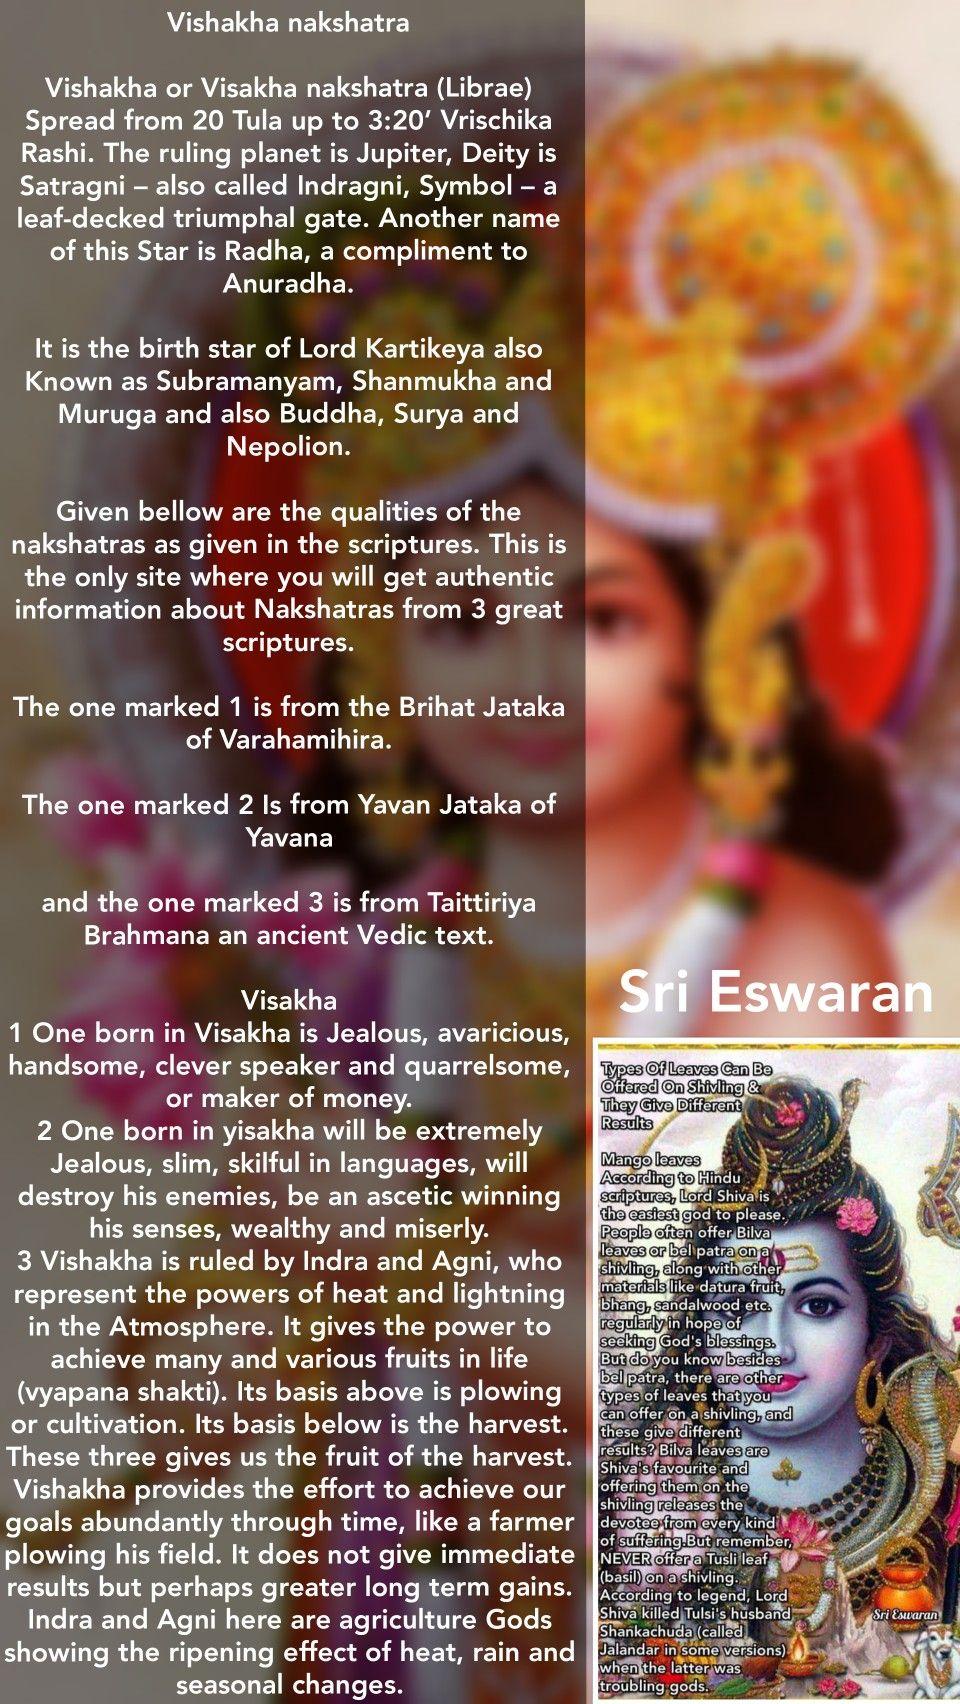 Vishakha nakshatra Vishakha or Visakha nakshatra (Librae) Spread